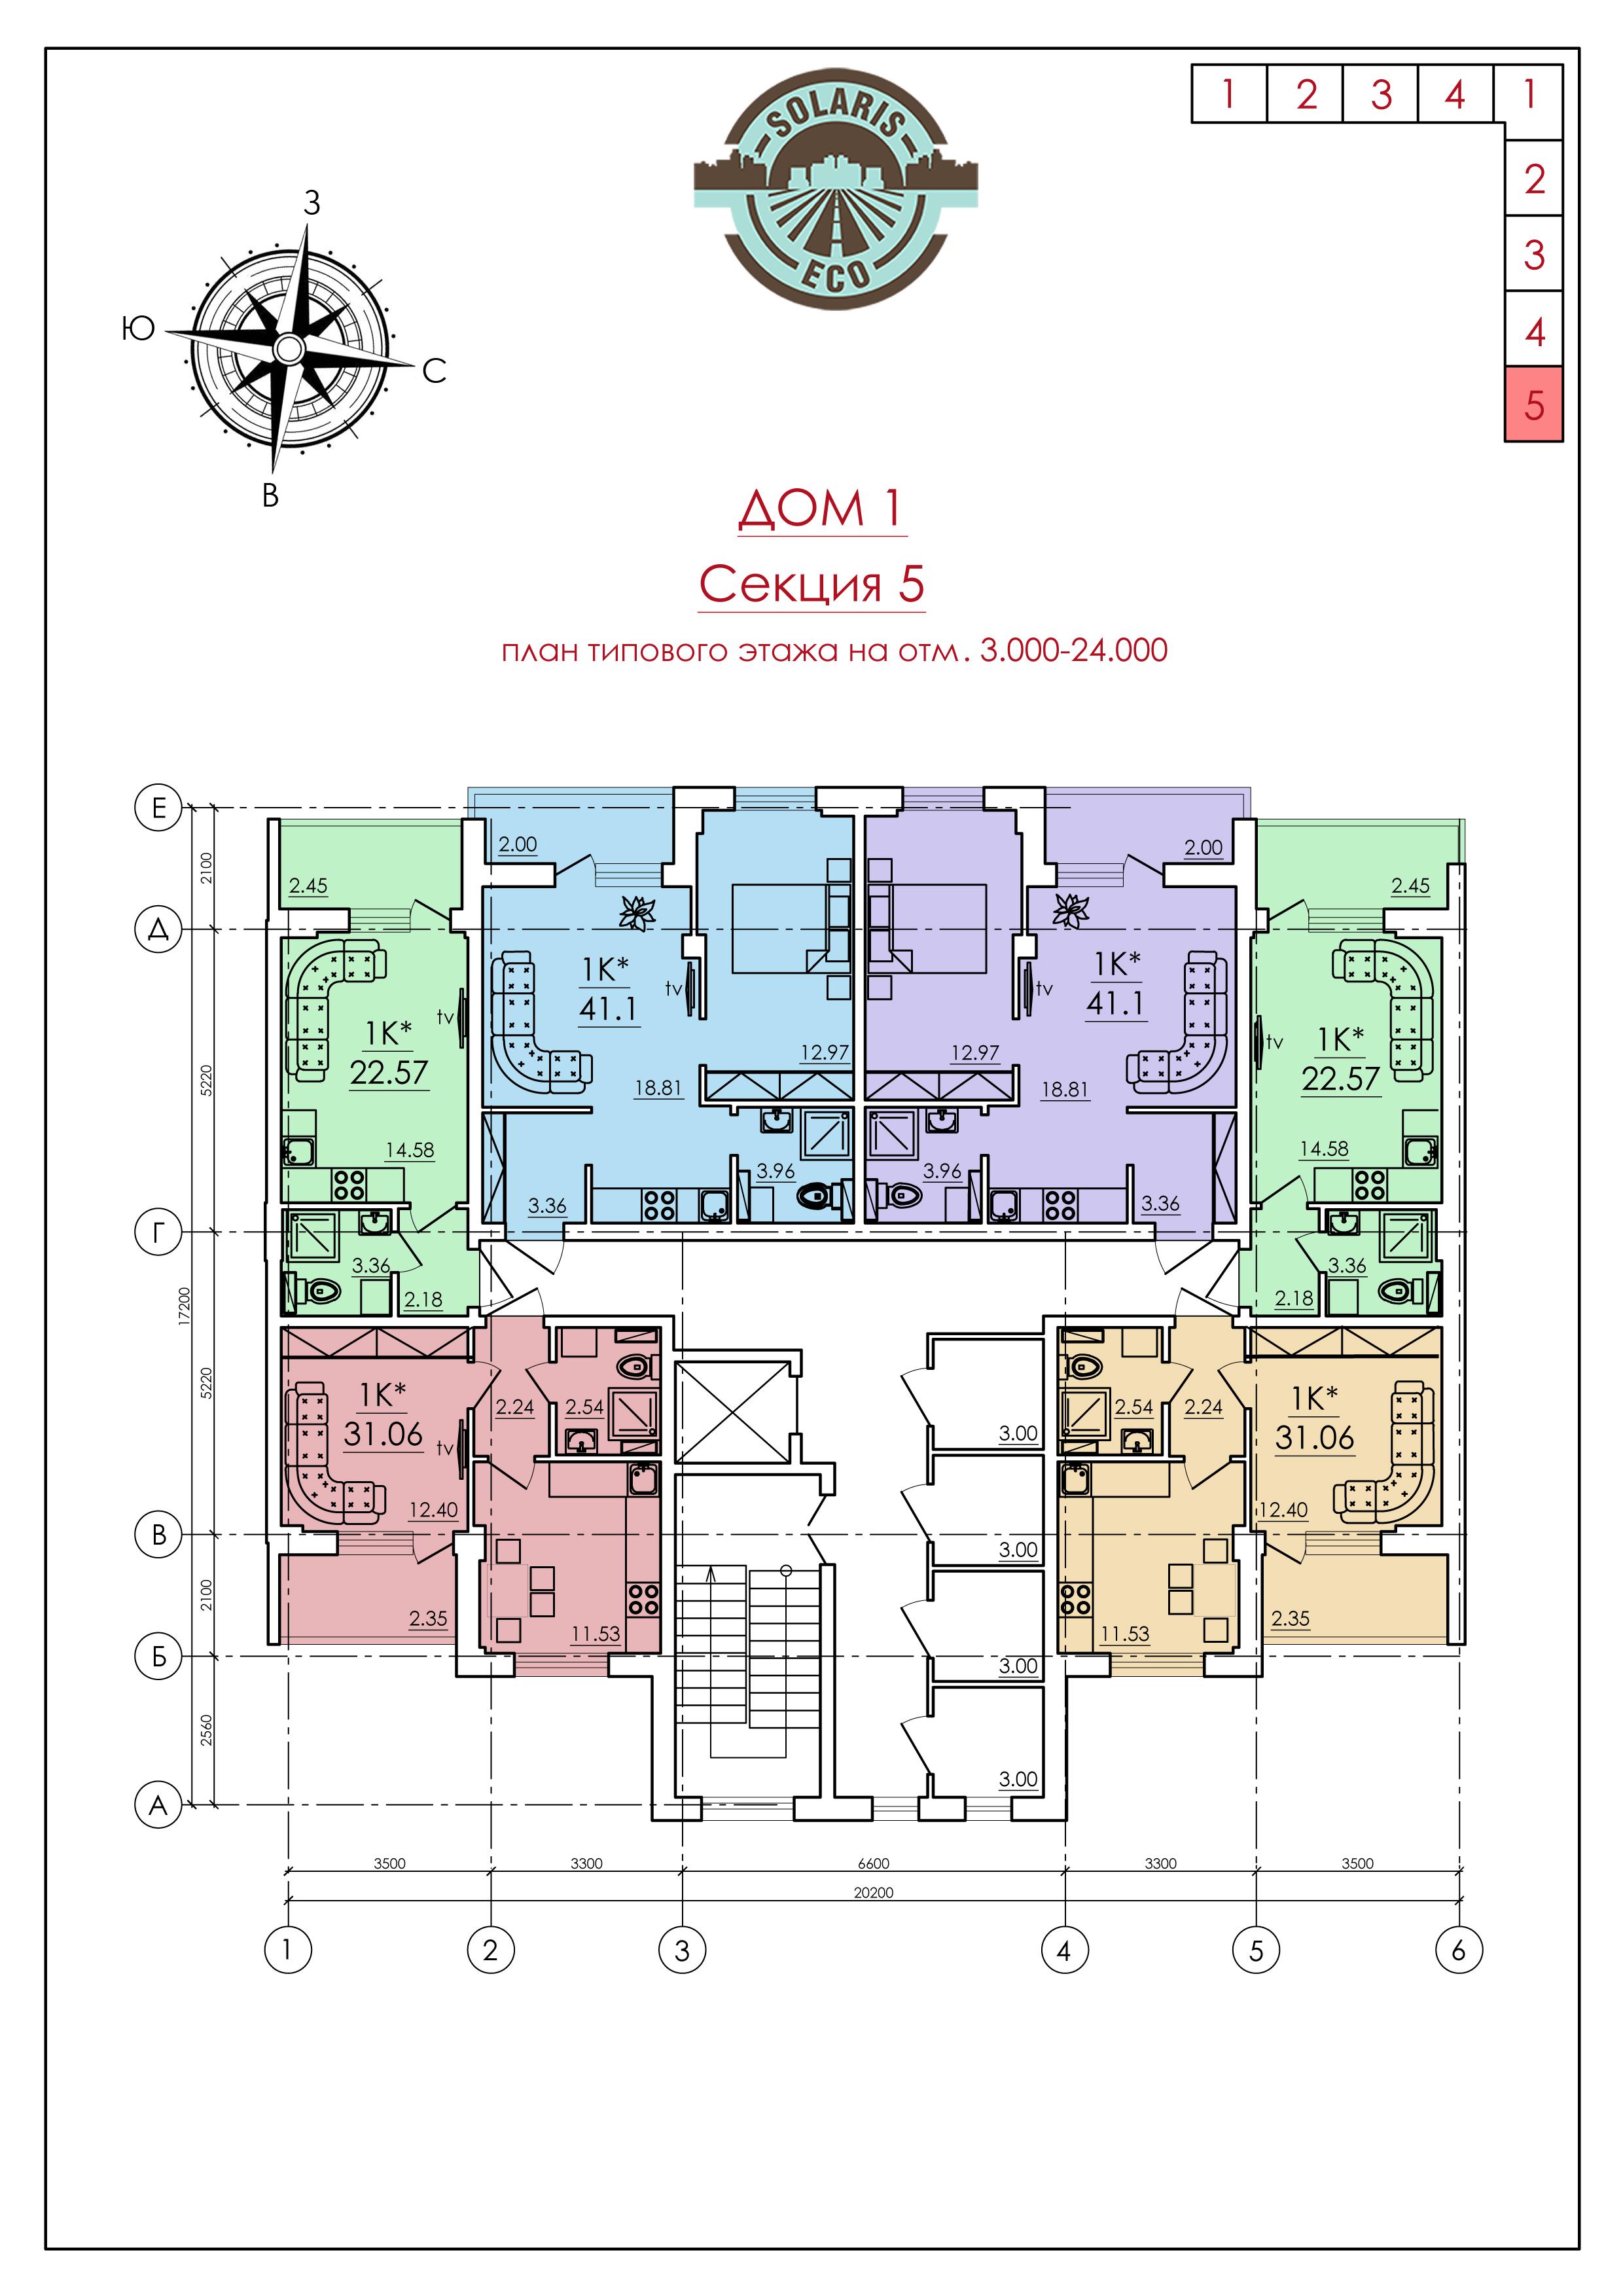 ЖК ECO Solaris (ЭКО Соларис ) / Дом №1 / 5 секция / План типового этажа